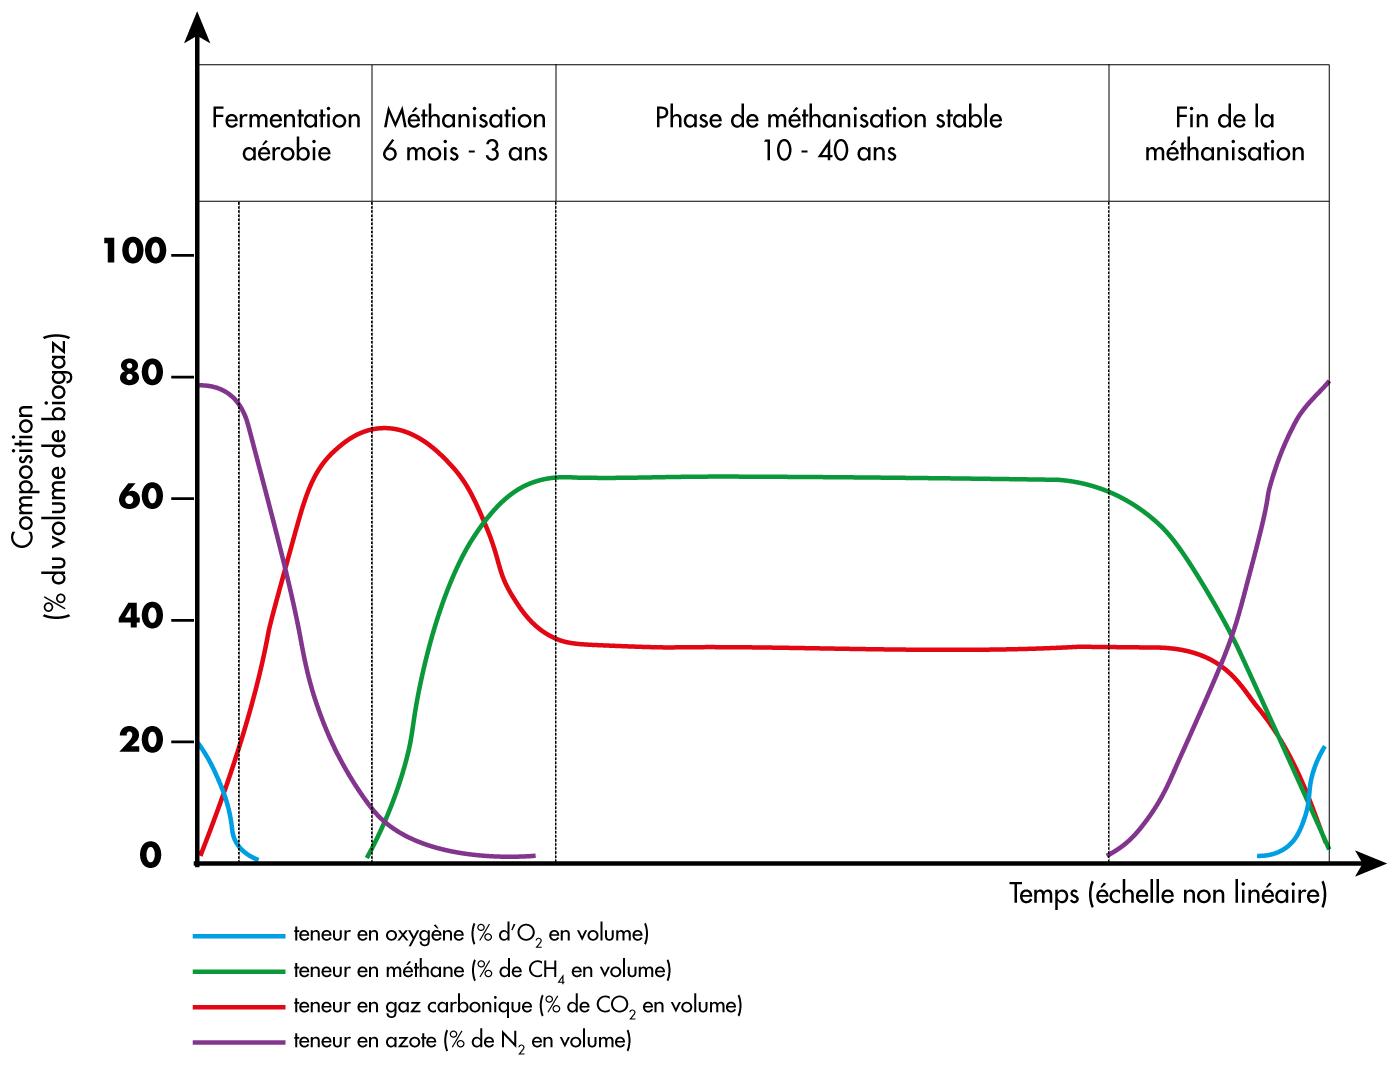 Evolution de la composition du biogaz au cours de son exploitation